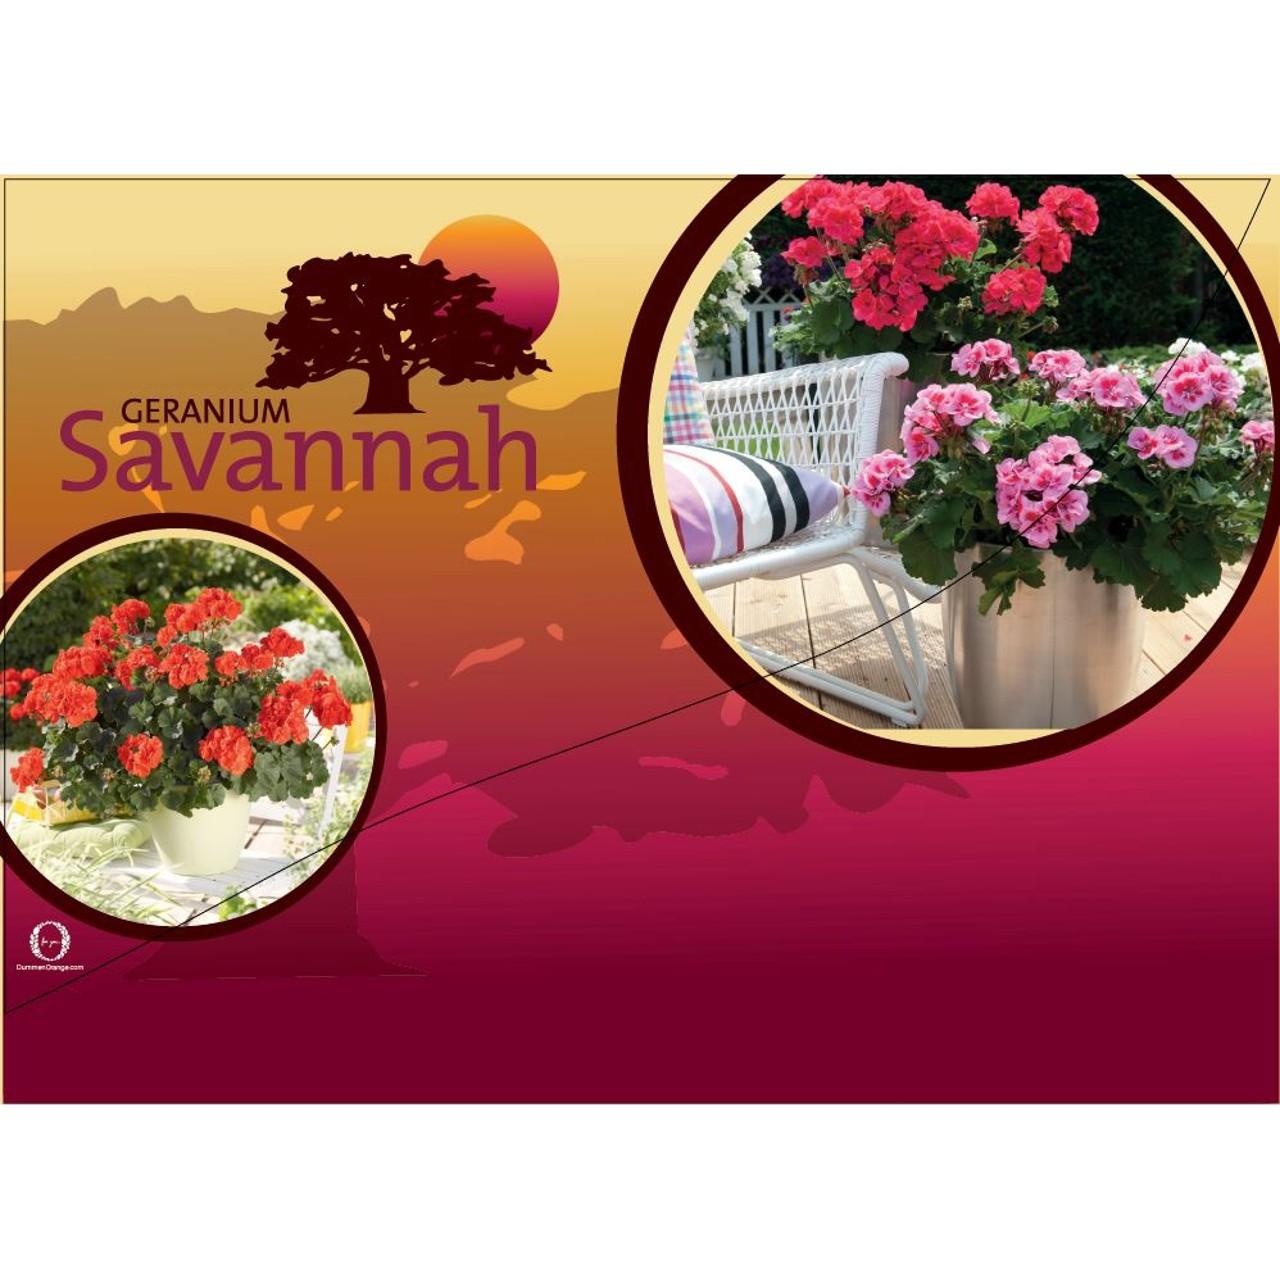 CC-Banner Savannah 50x35 cm